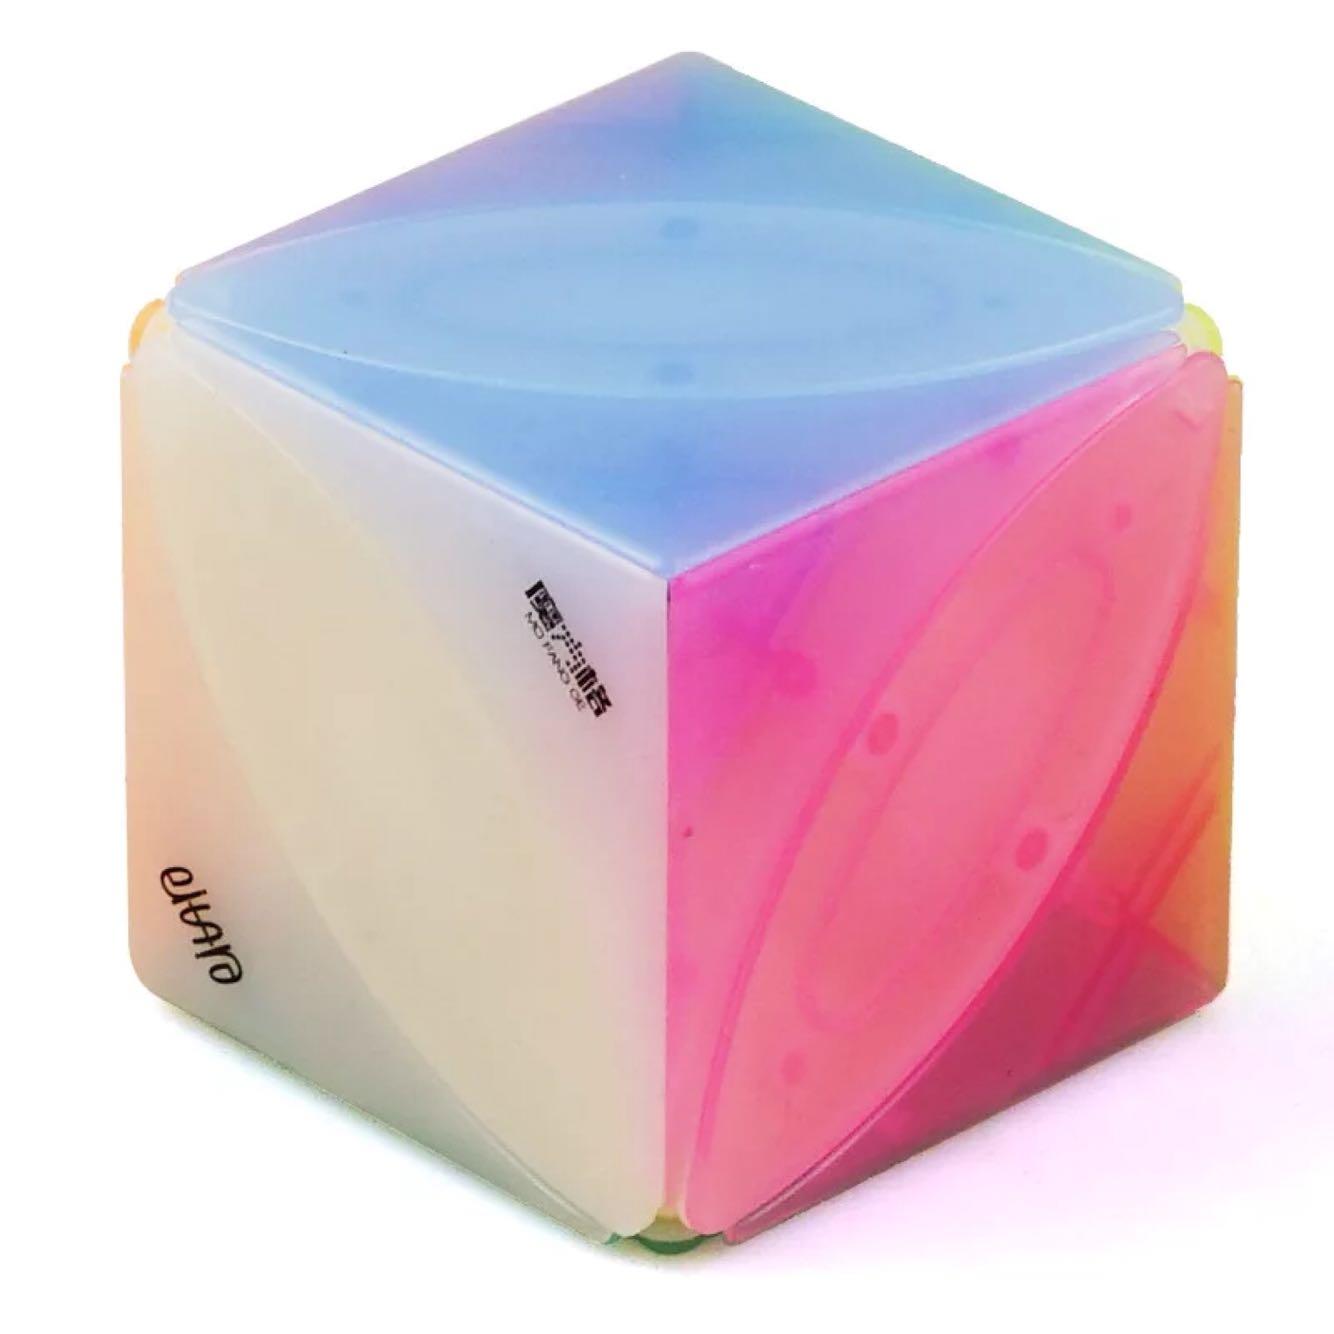 满20.00元可用1元优惠券奇艺魔方格枫叶果冻色魔方异形变体透明款顺滑好看树叶子可爱魔方